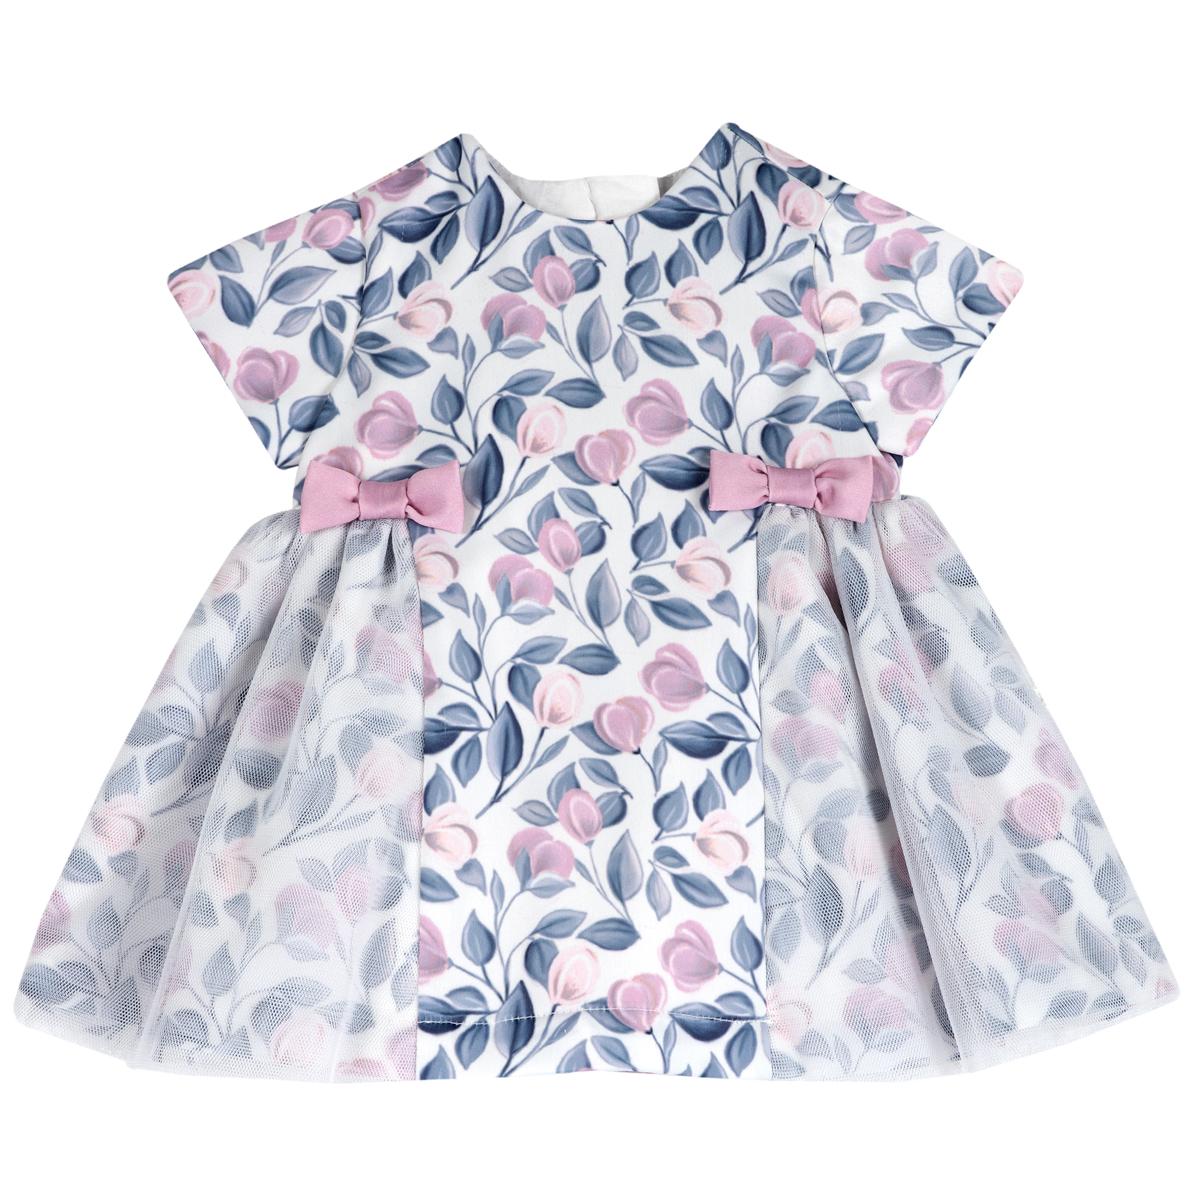 Rochie copii Chicco, mprimeu delicat cu flori roz si bleu, 03582 din categoria Rochii, Fuste